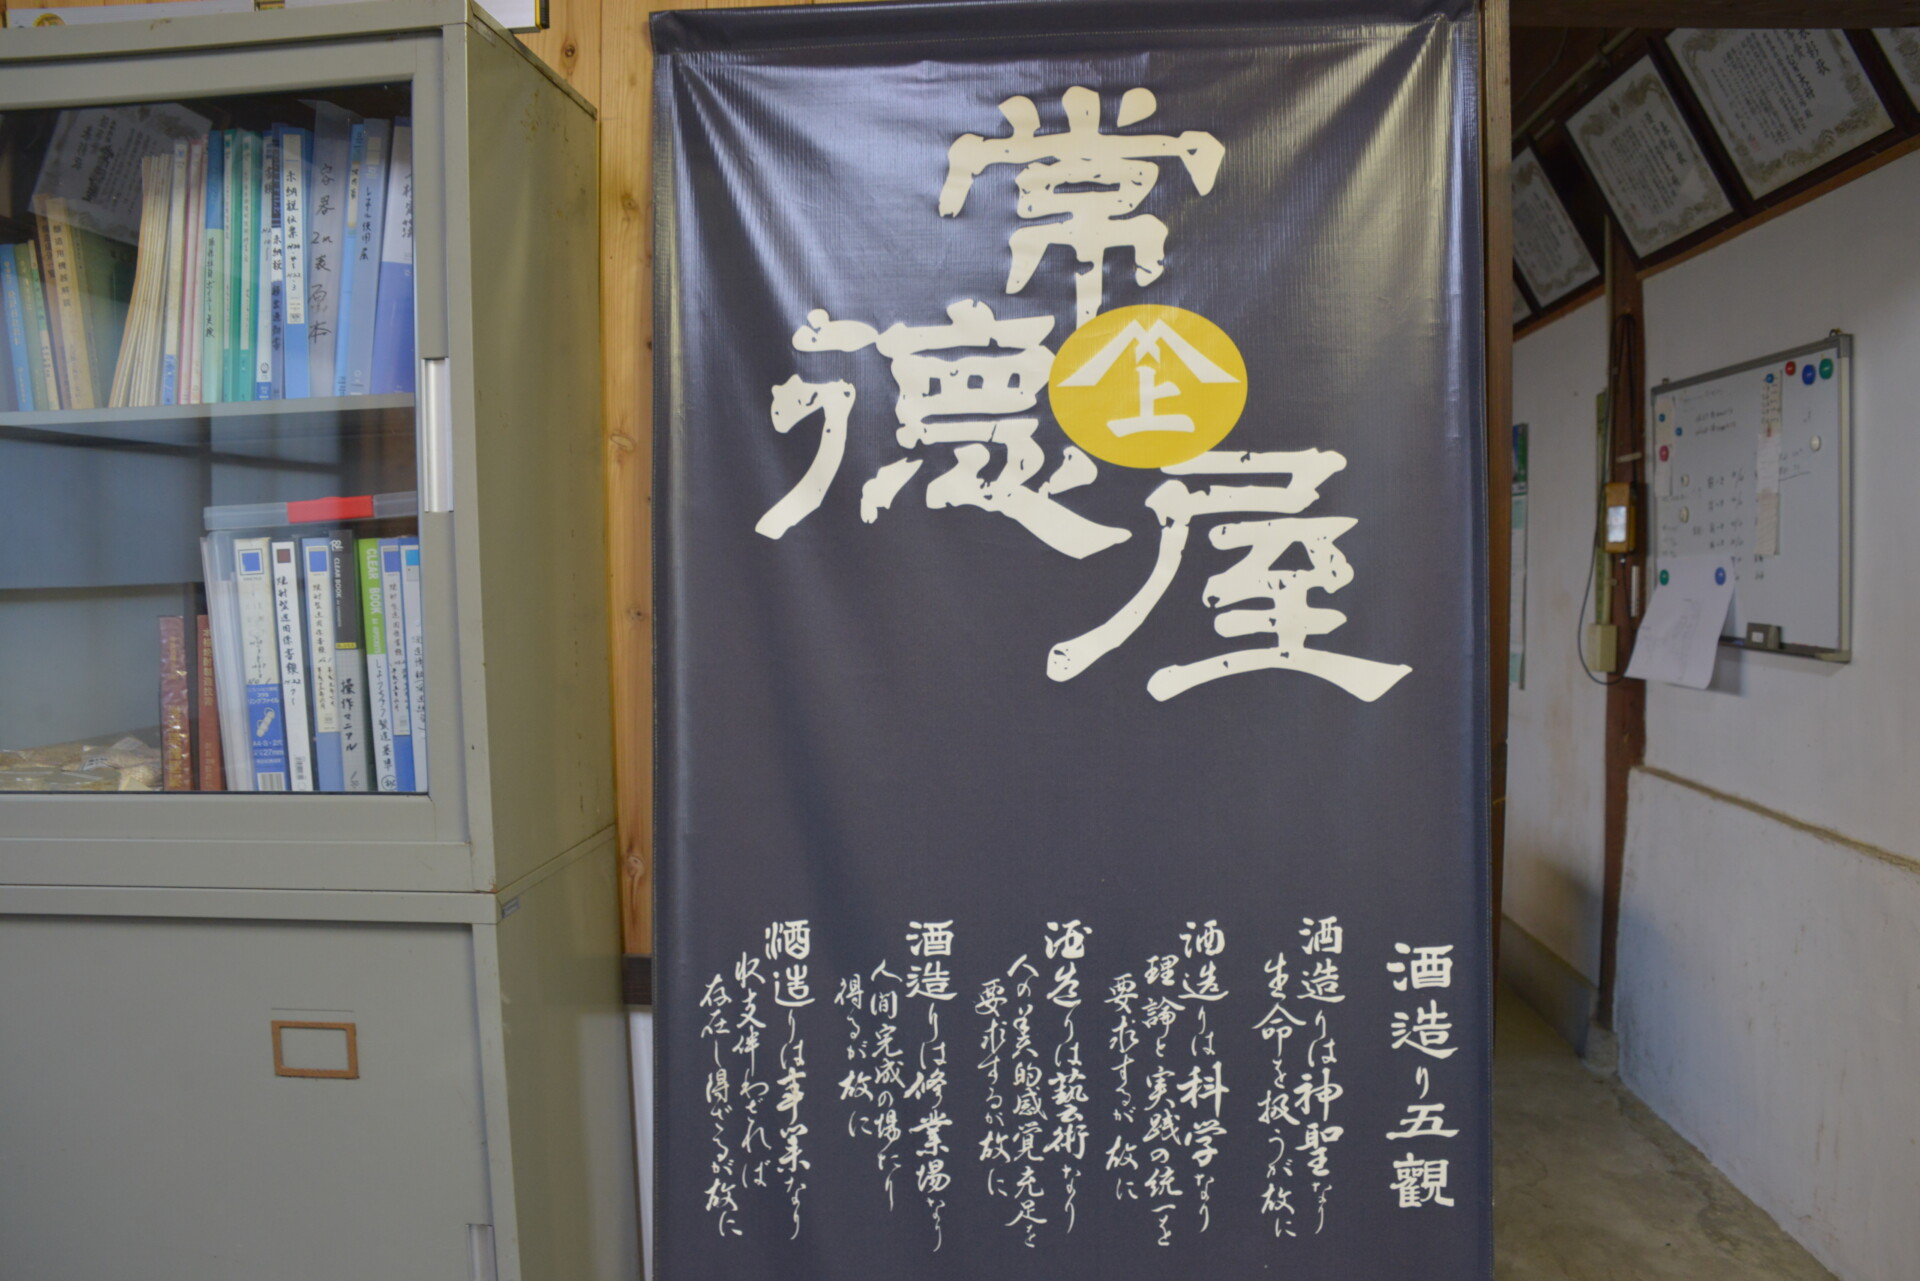 ものづくりへの憧れから杜氏の道へ。第二の創業を経て、今なお続く新たなる挑戦。